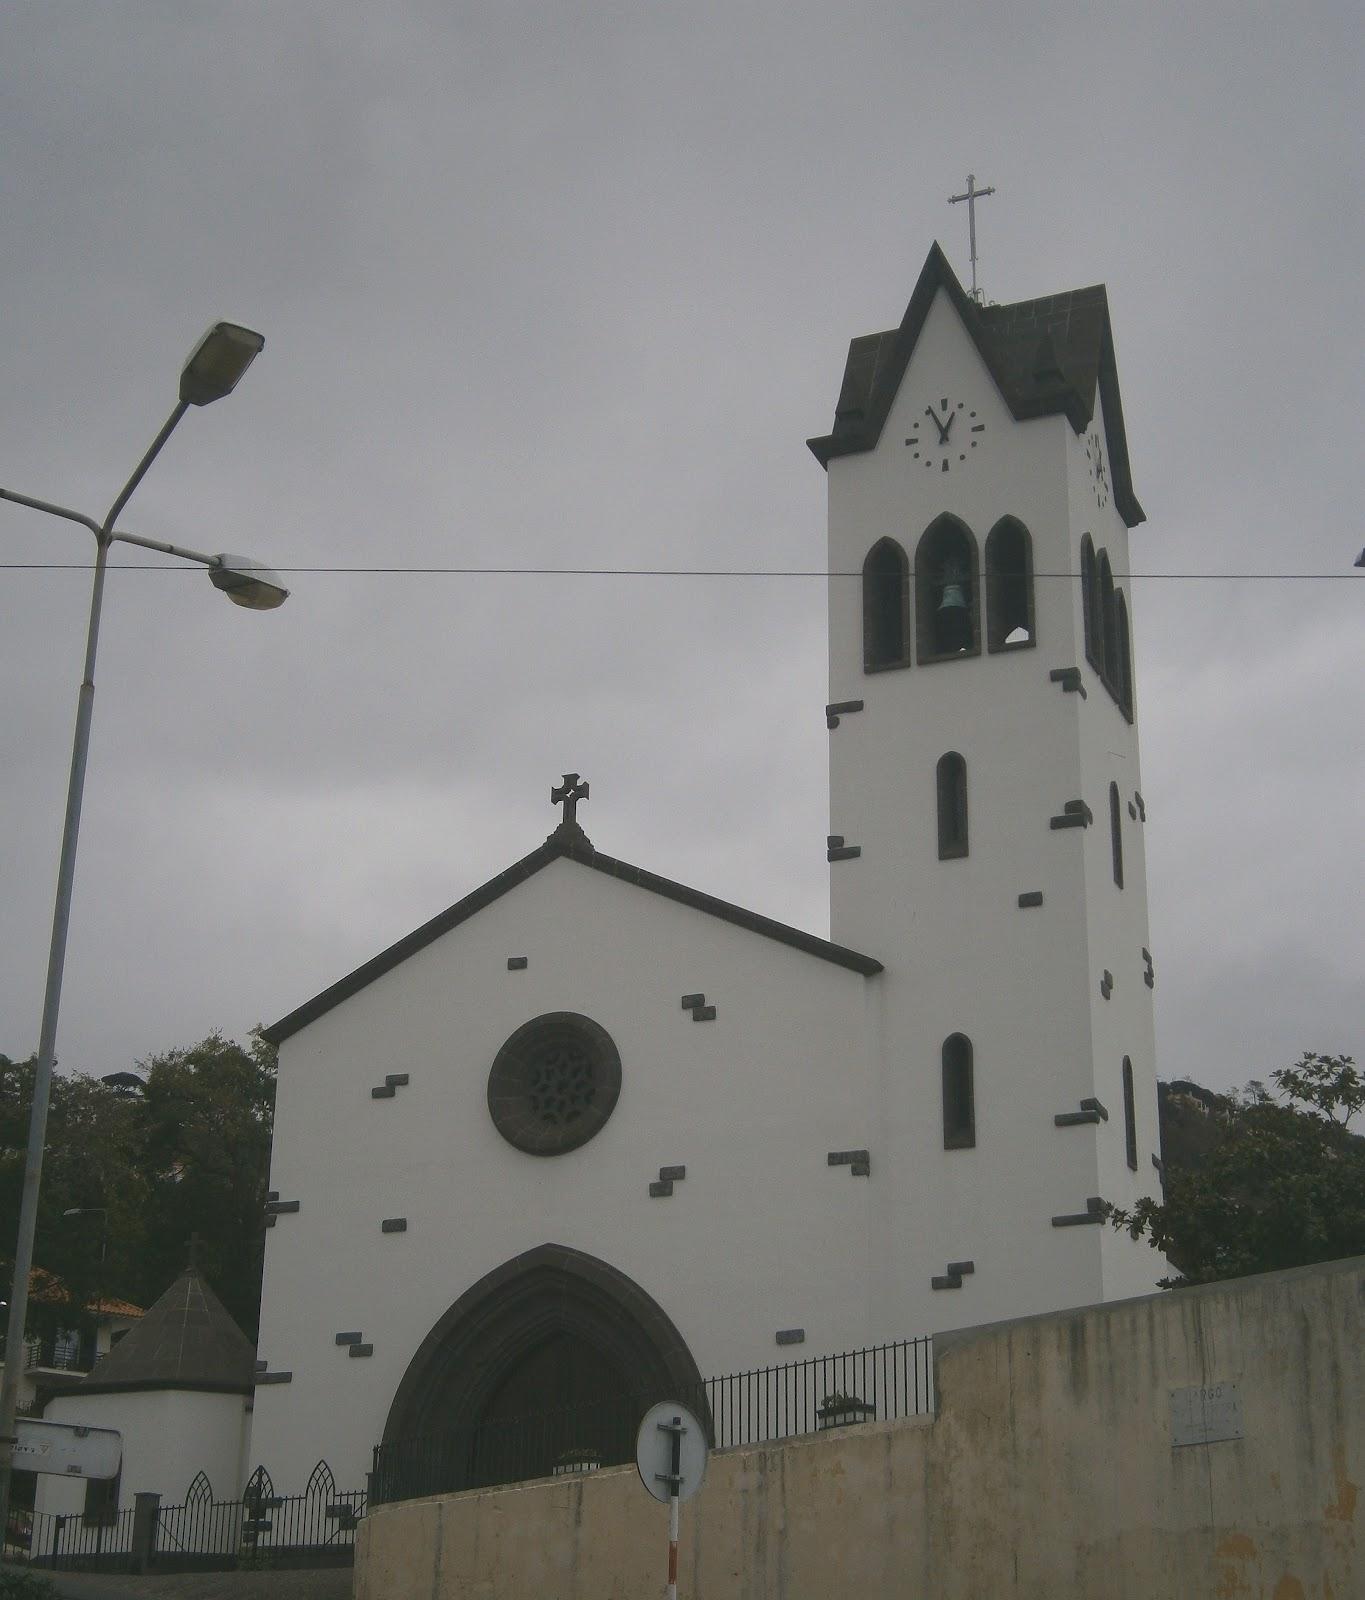 fotográfico: IGREJA PAROQUIAL DE SÃO GONÇALO FUNCHAL (Madeira) #575142 1365x1600